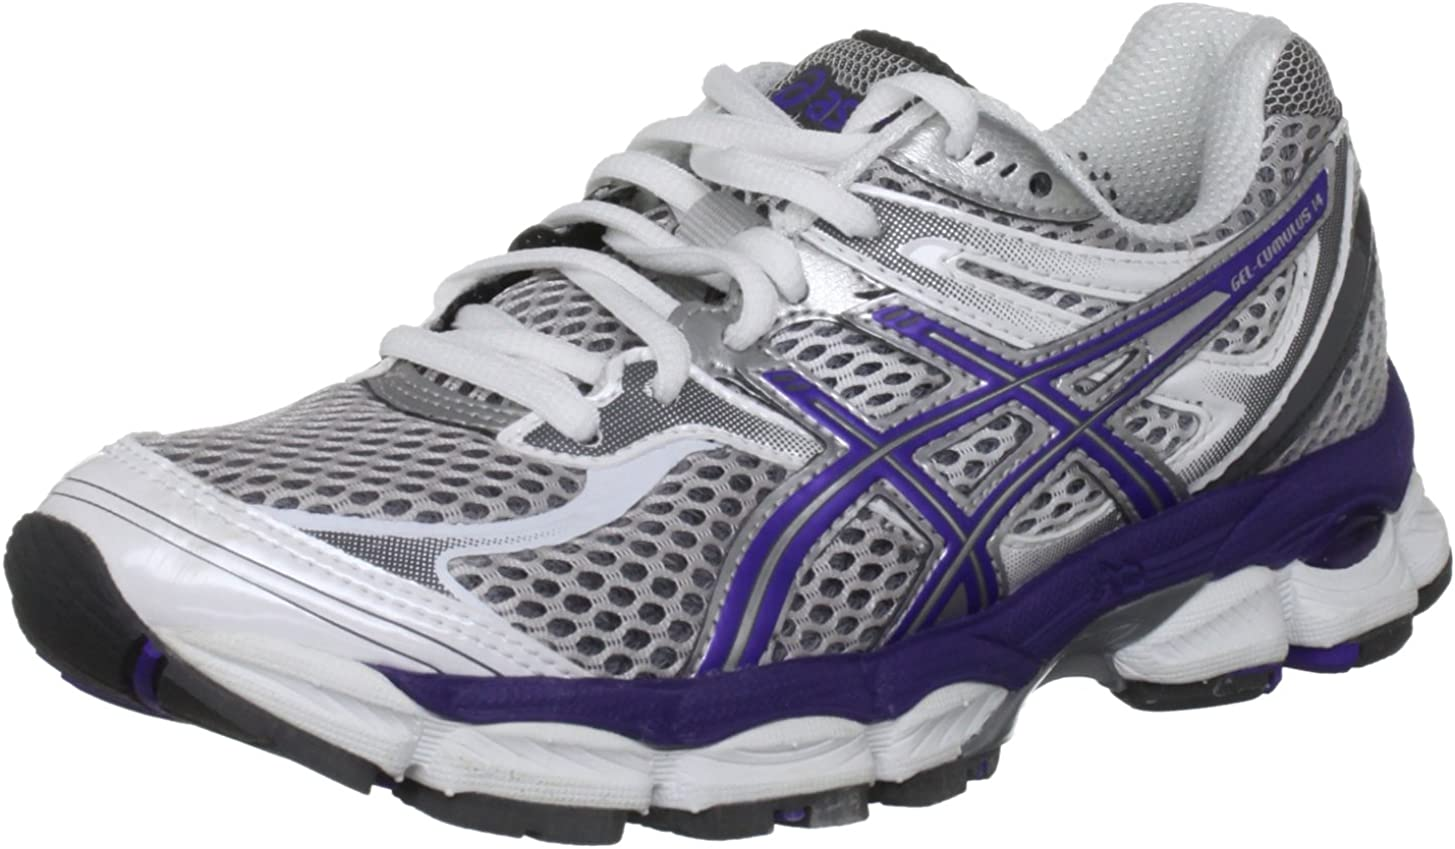 Asics Ladies Gel Cumulus 14 Shoes